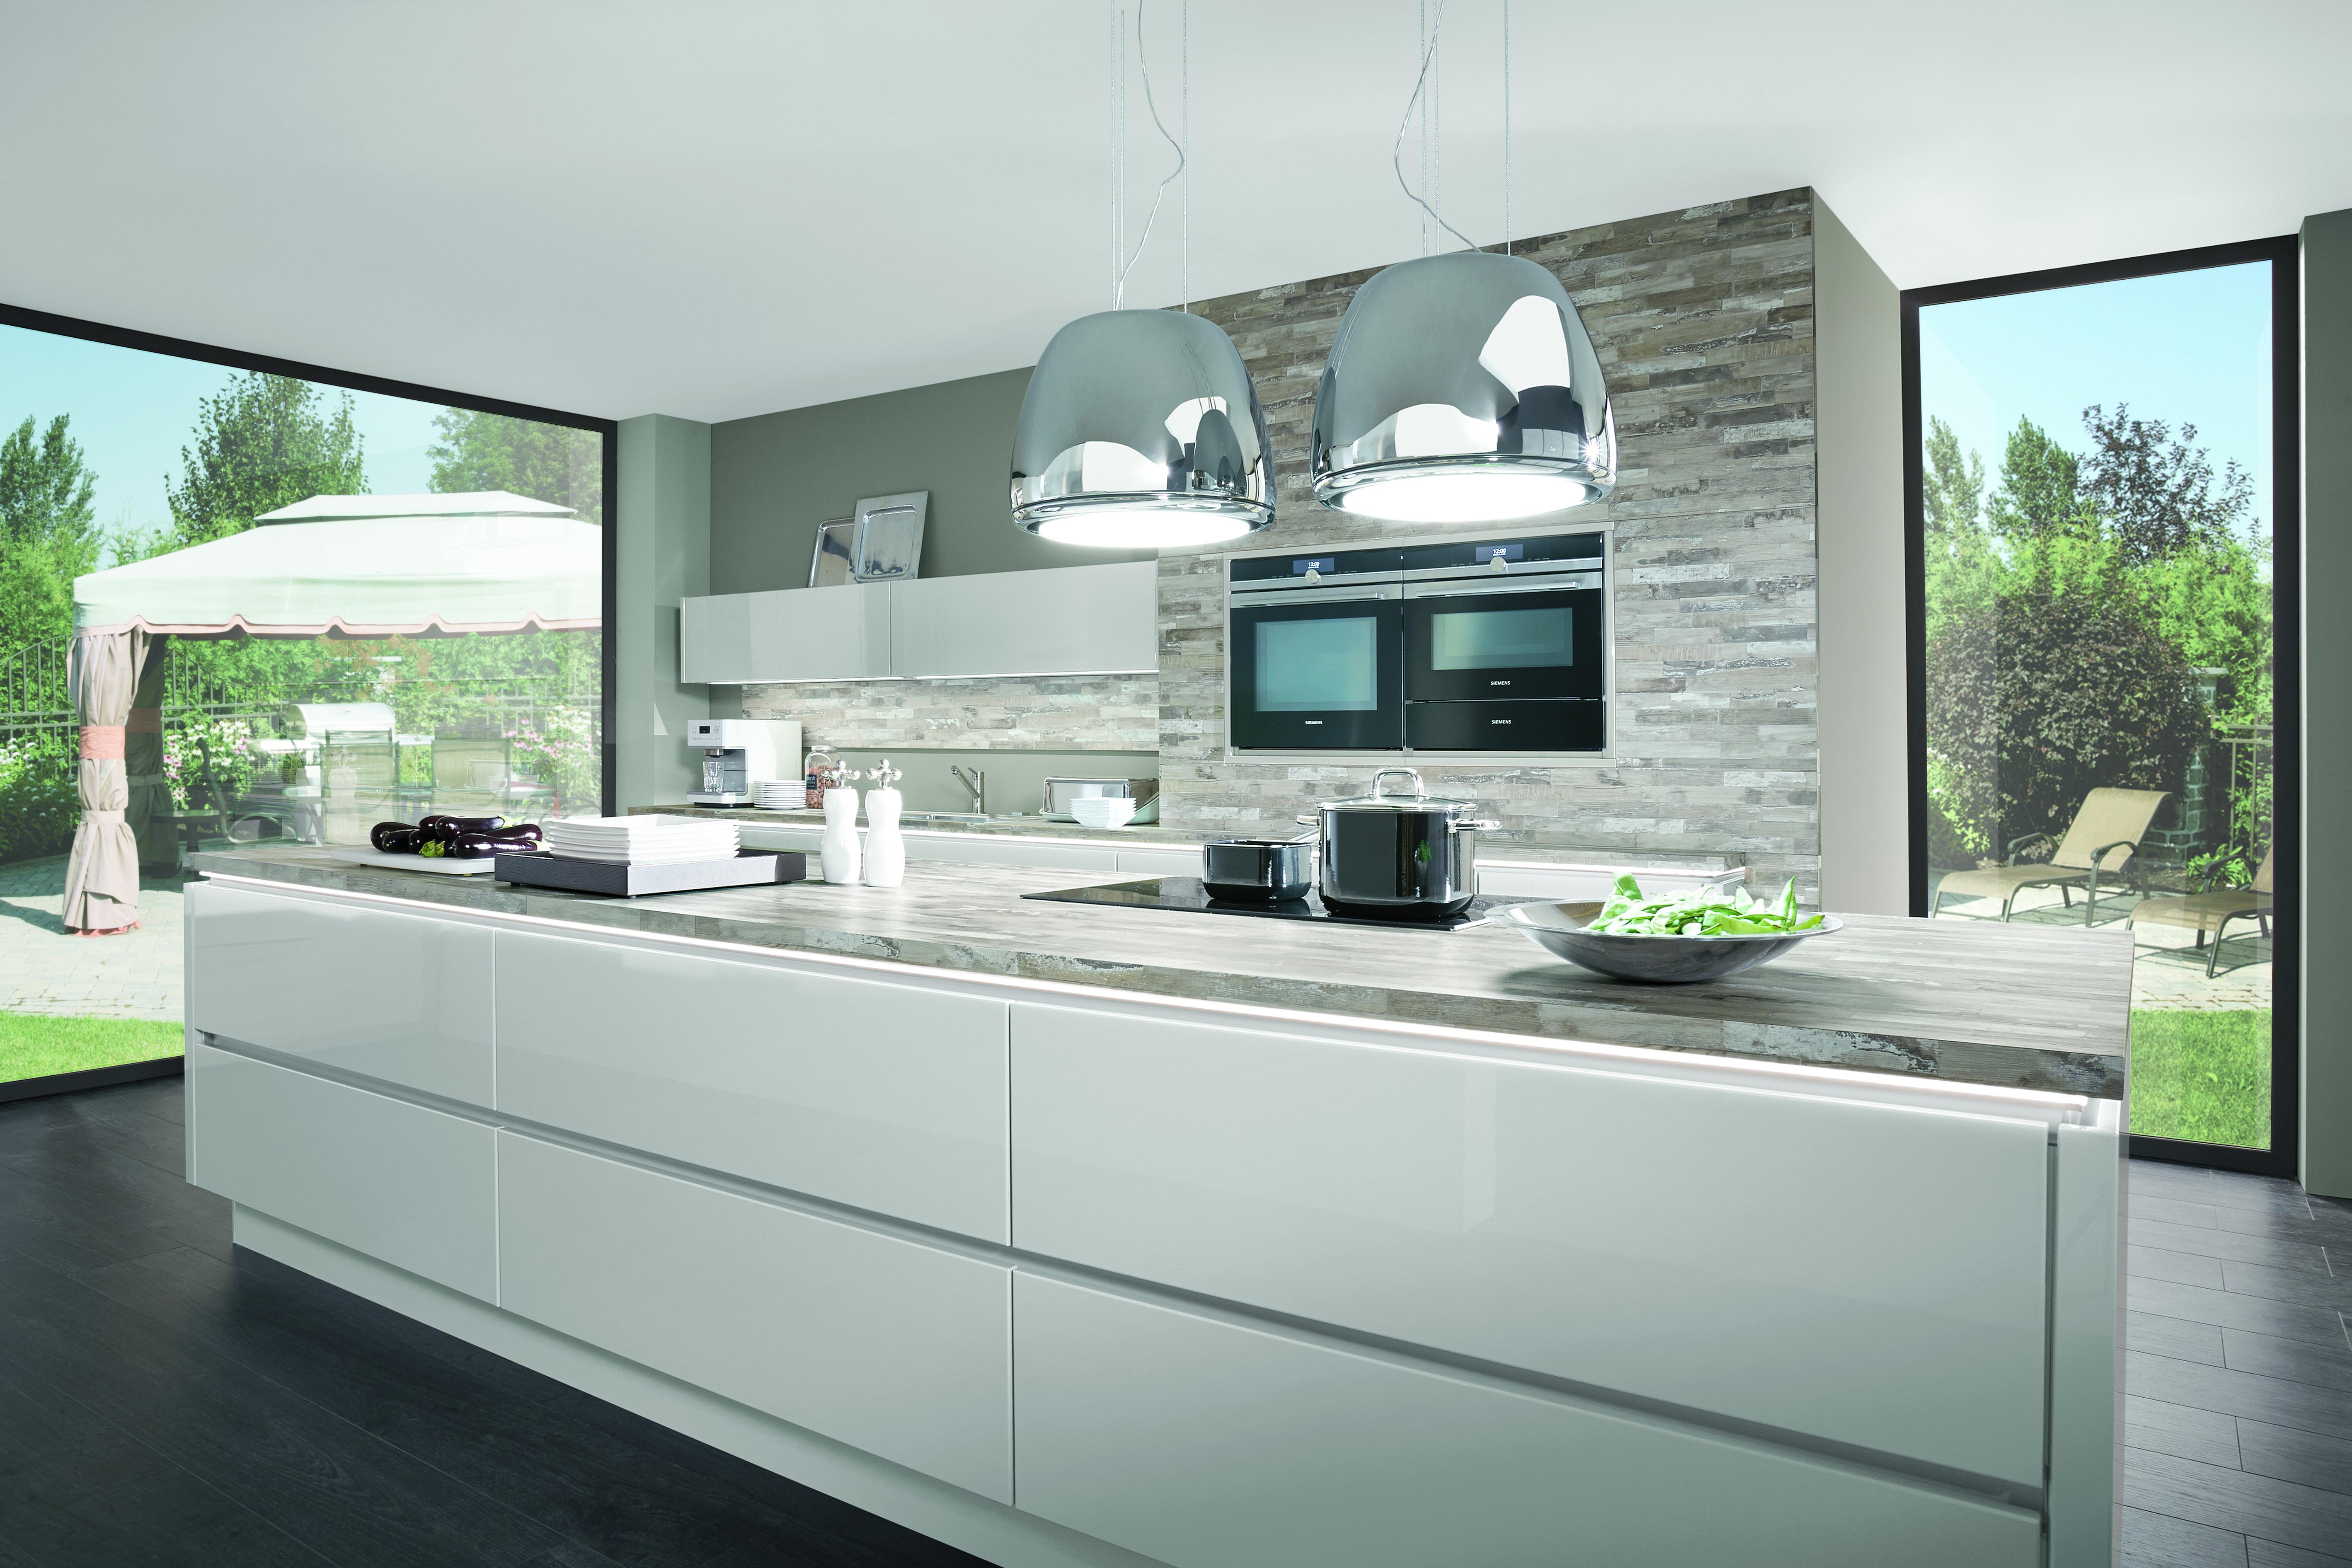 Echte design keukens keukens bodegraven for Beste 3d keukenplanner